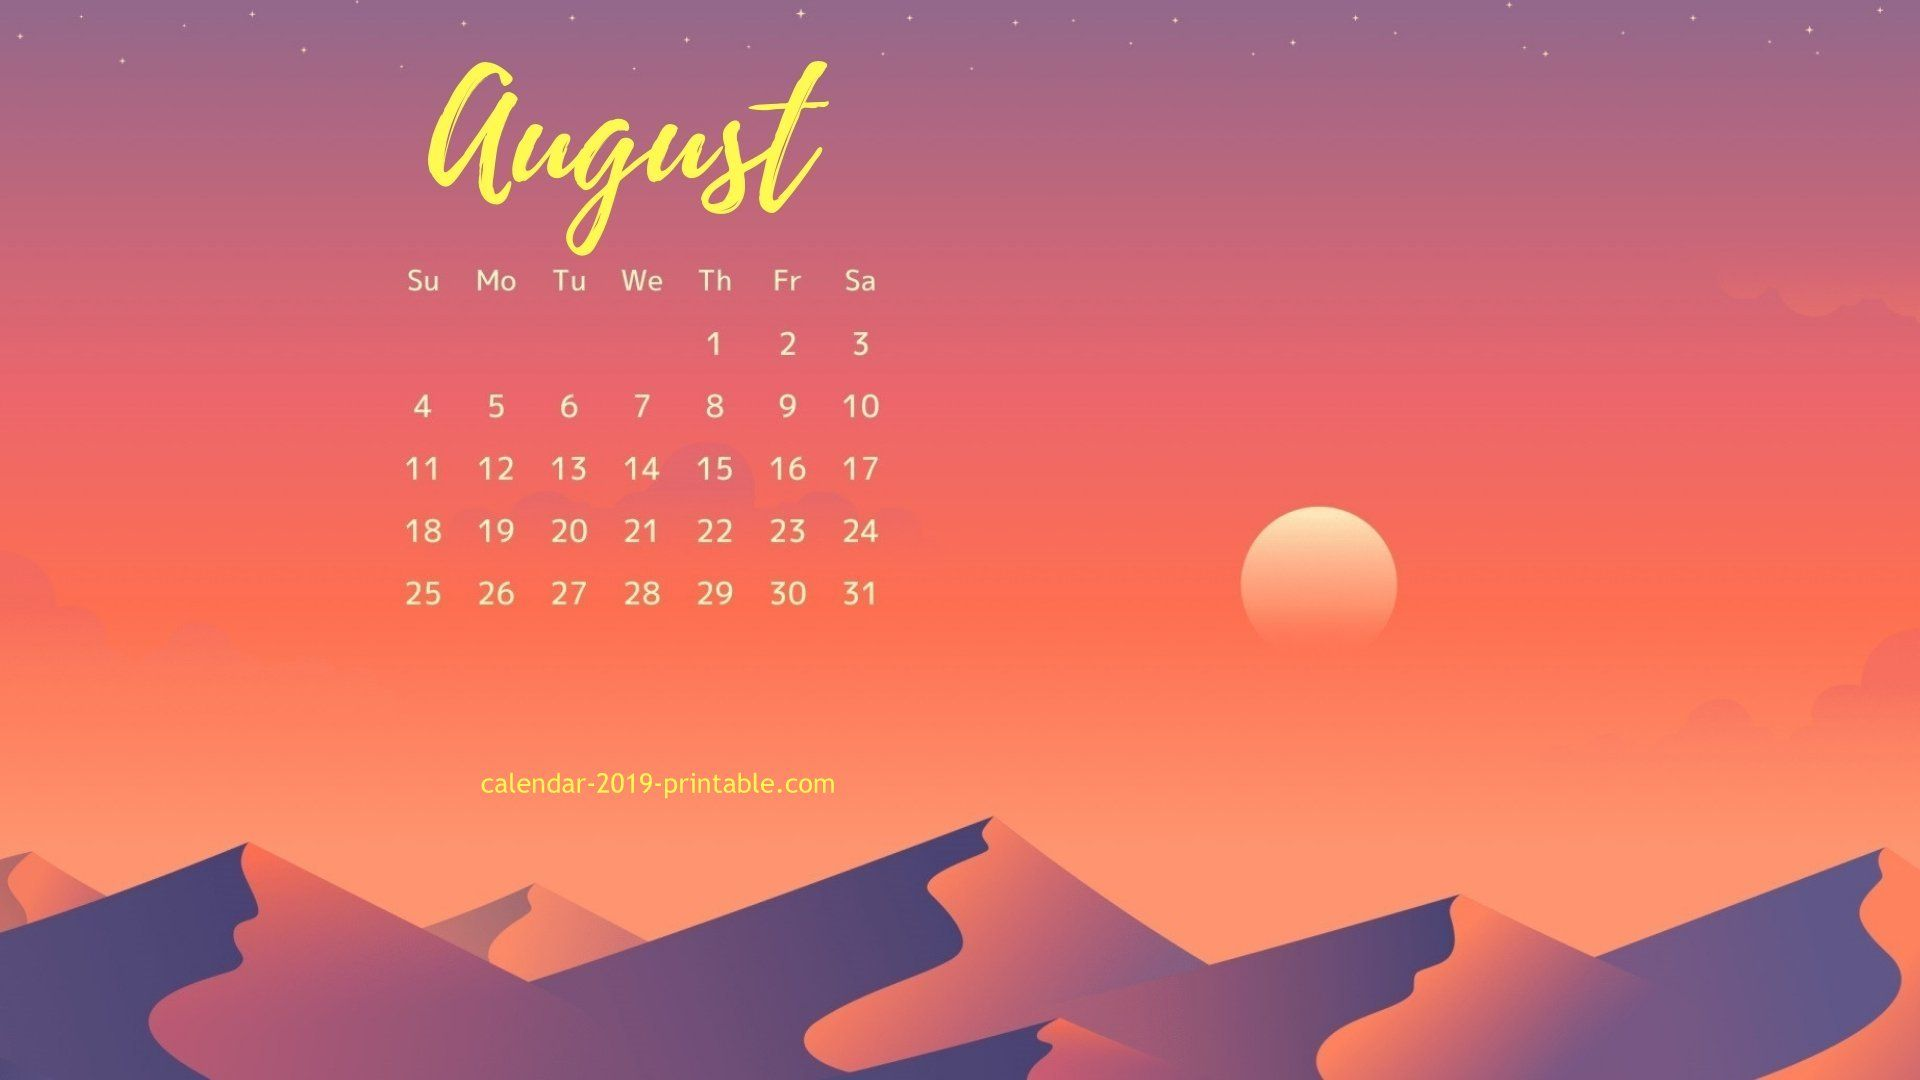 august 2019 calendar wallpaper Calendar wallpaper